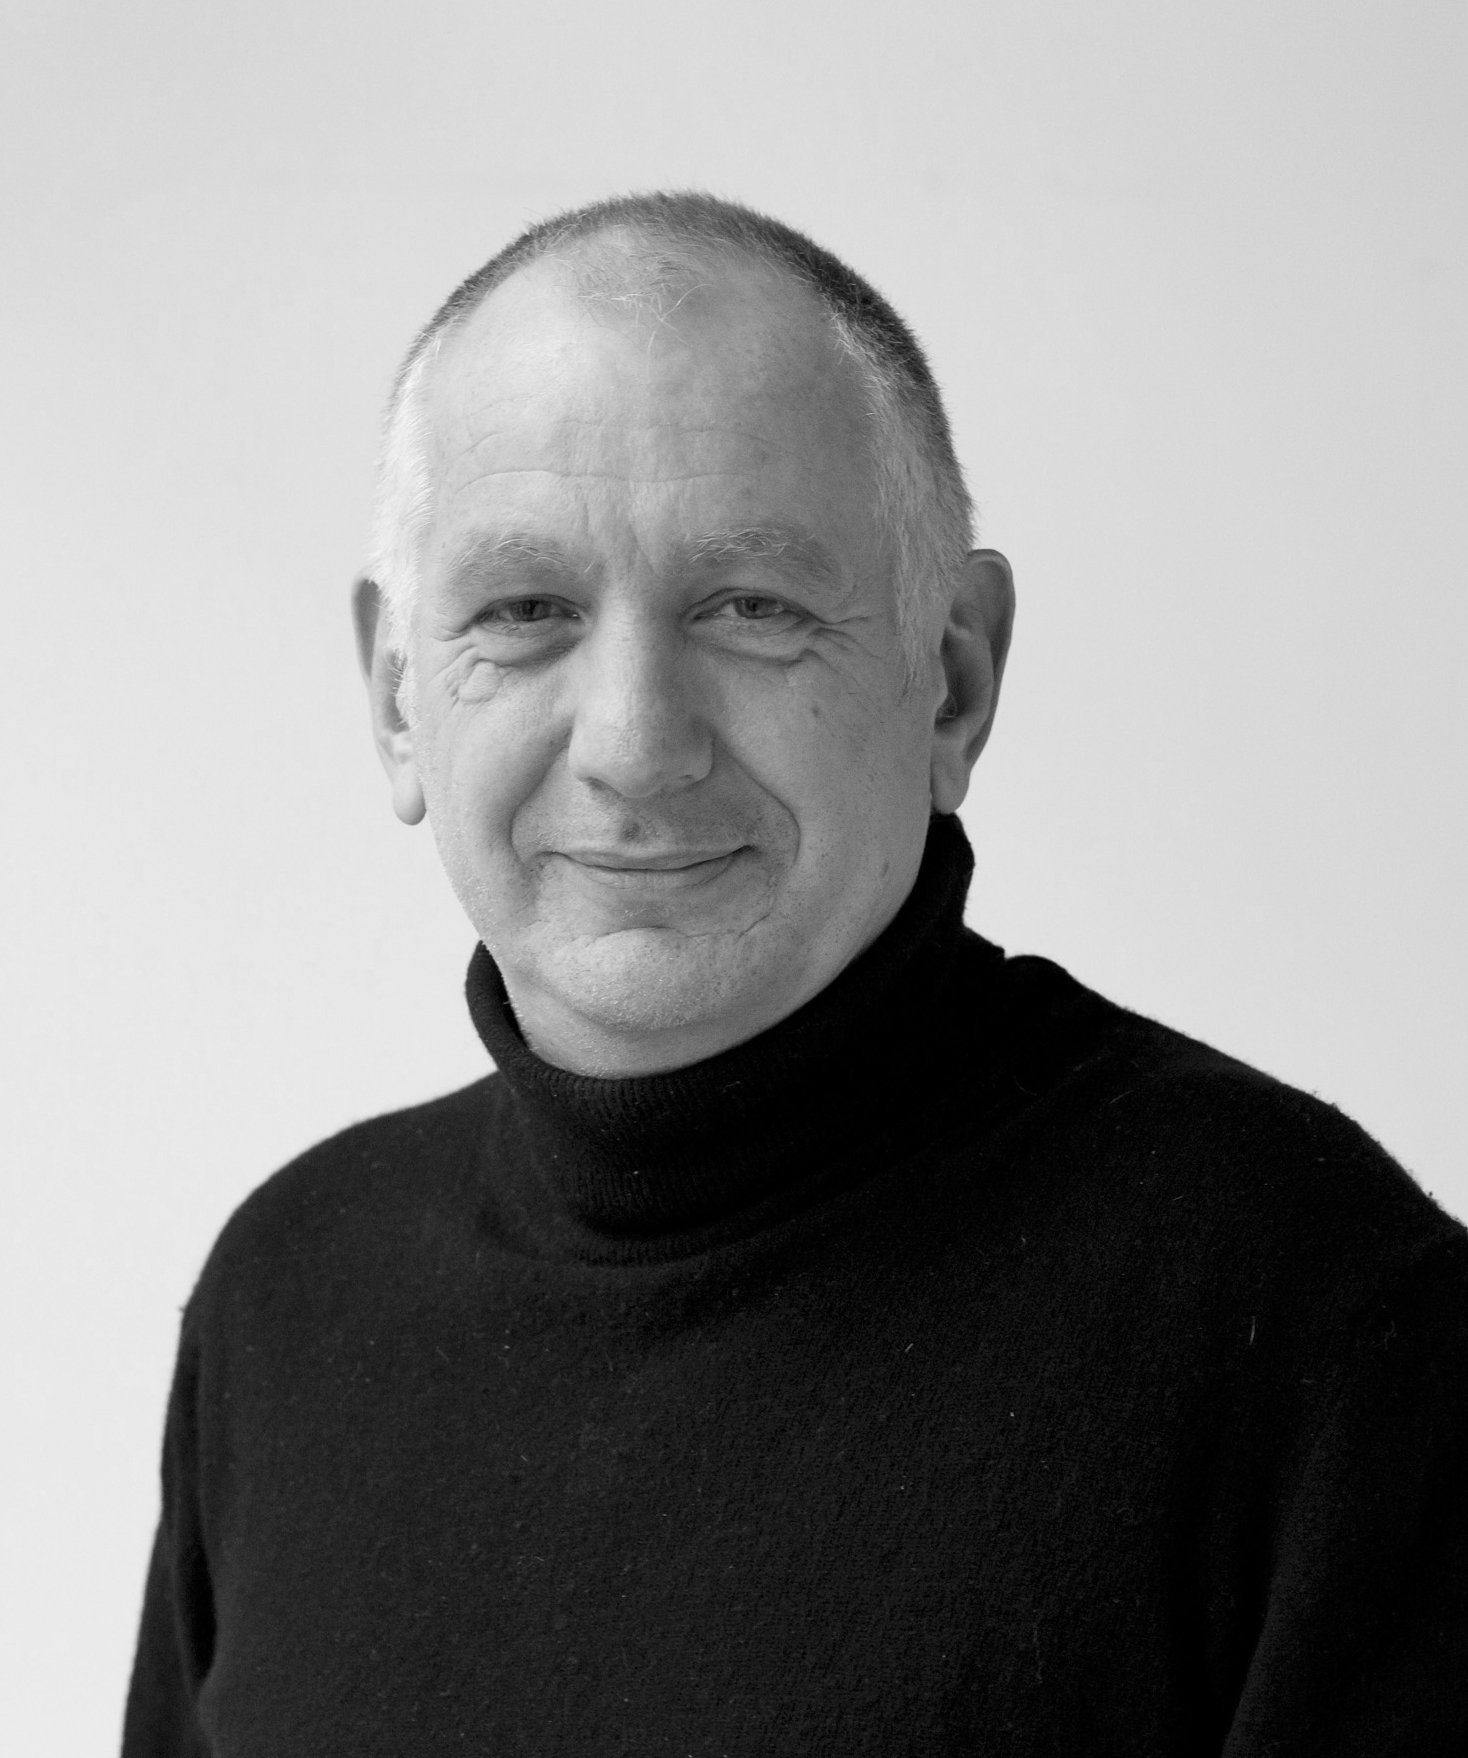 Thomas Lueckgen